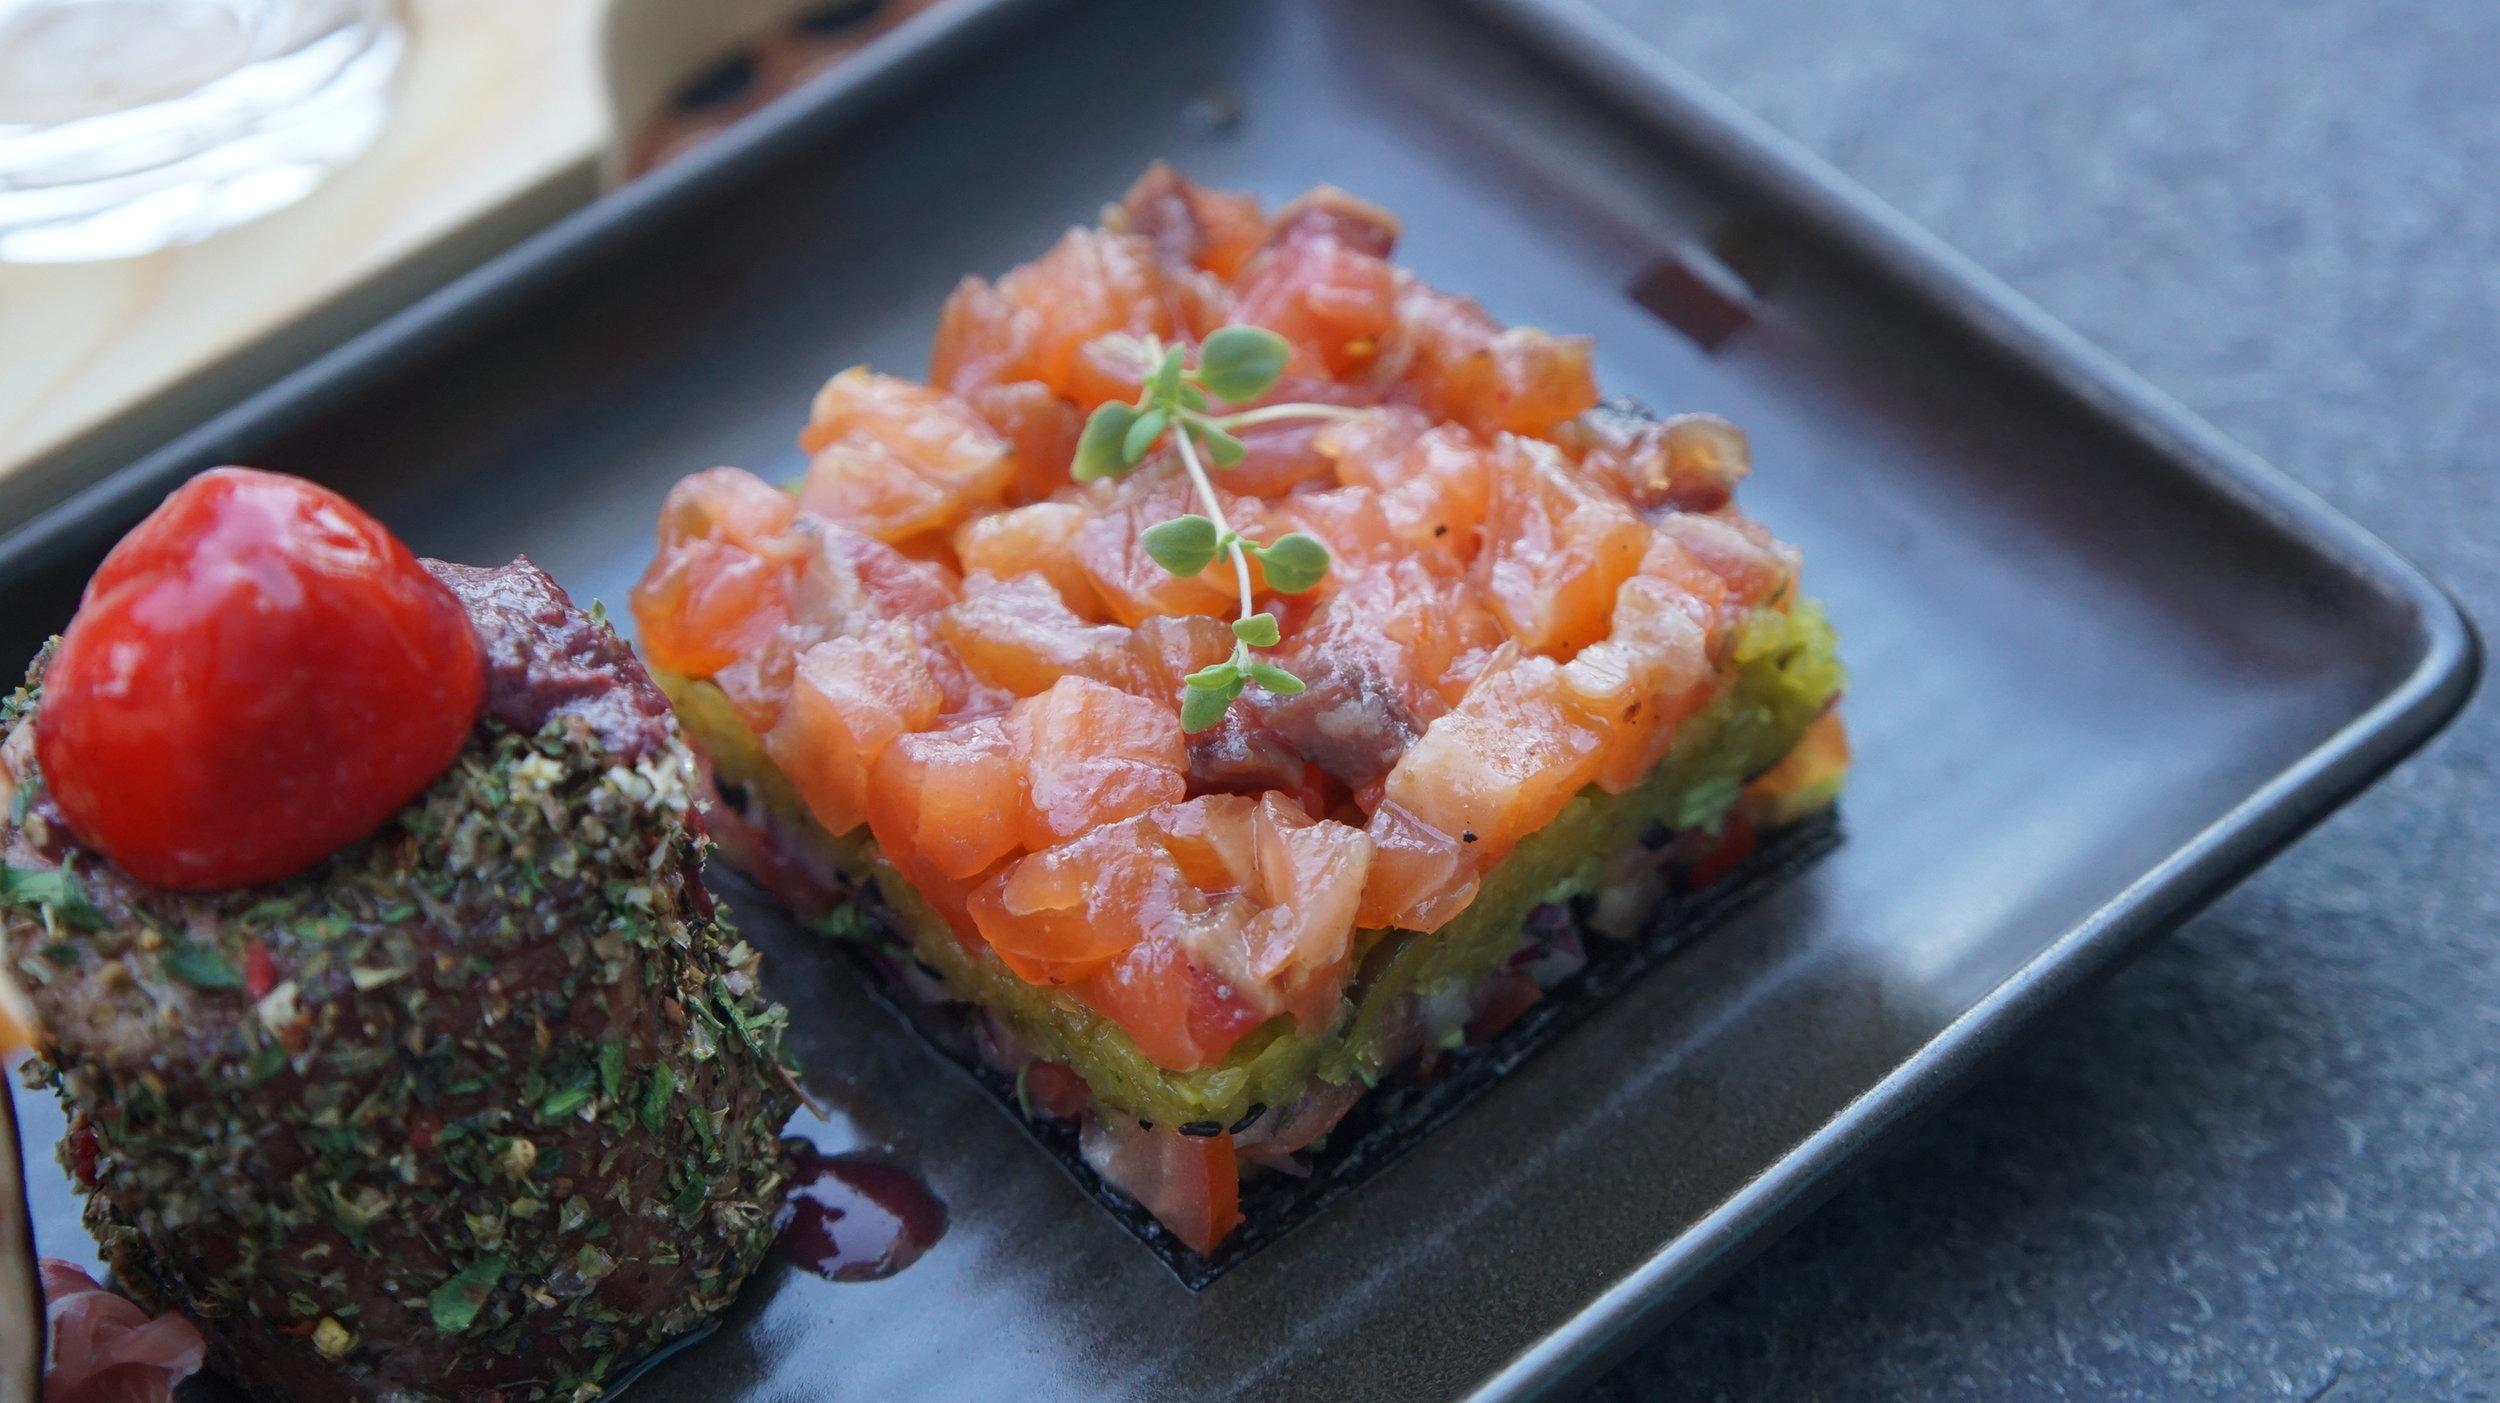 Delish Sirloin Herb and Tuna Tartare